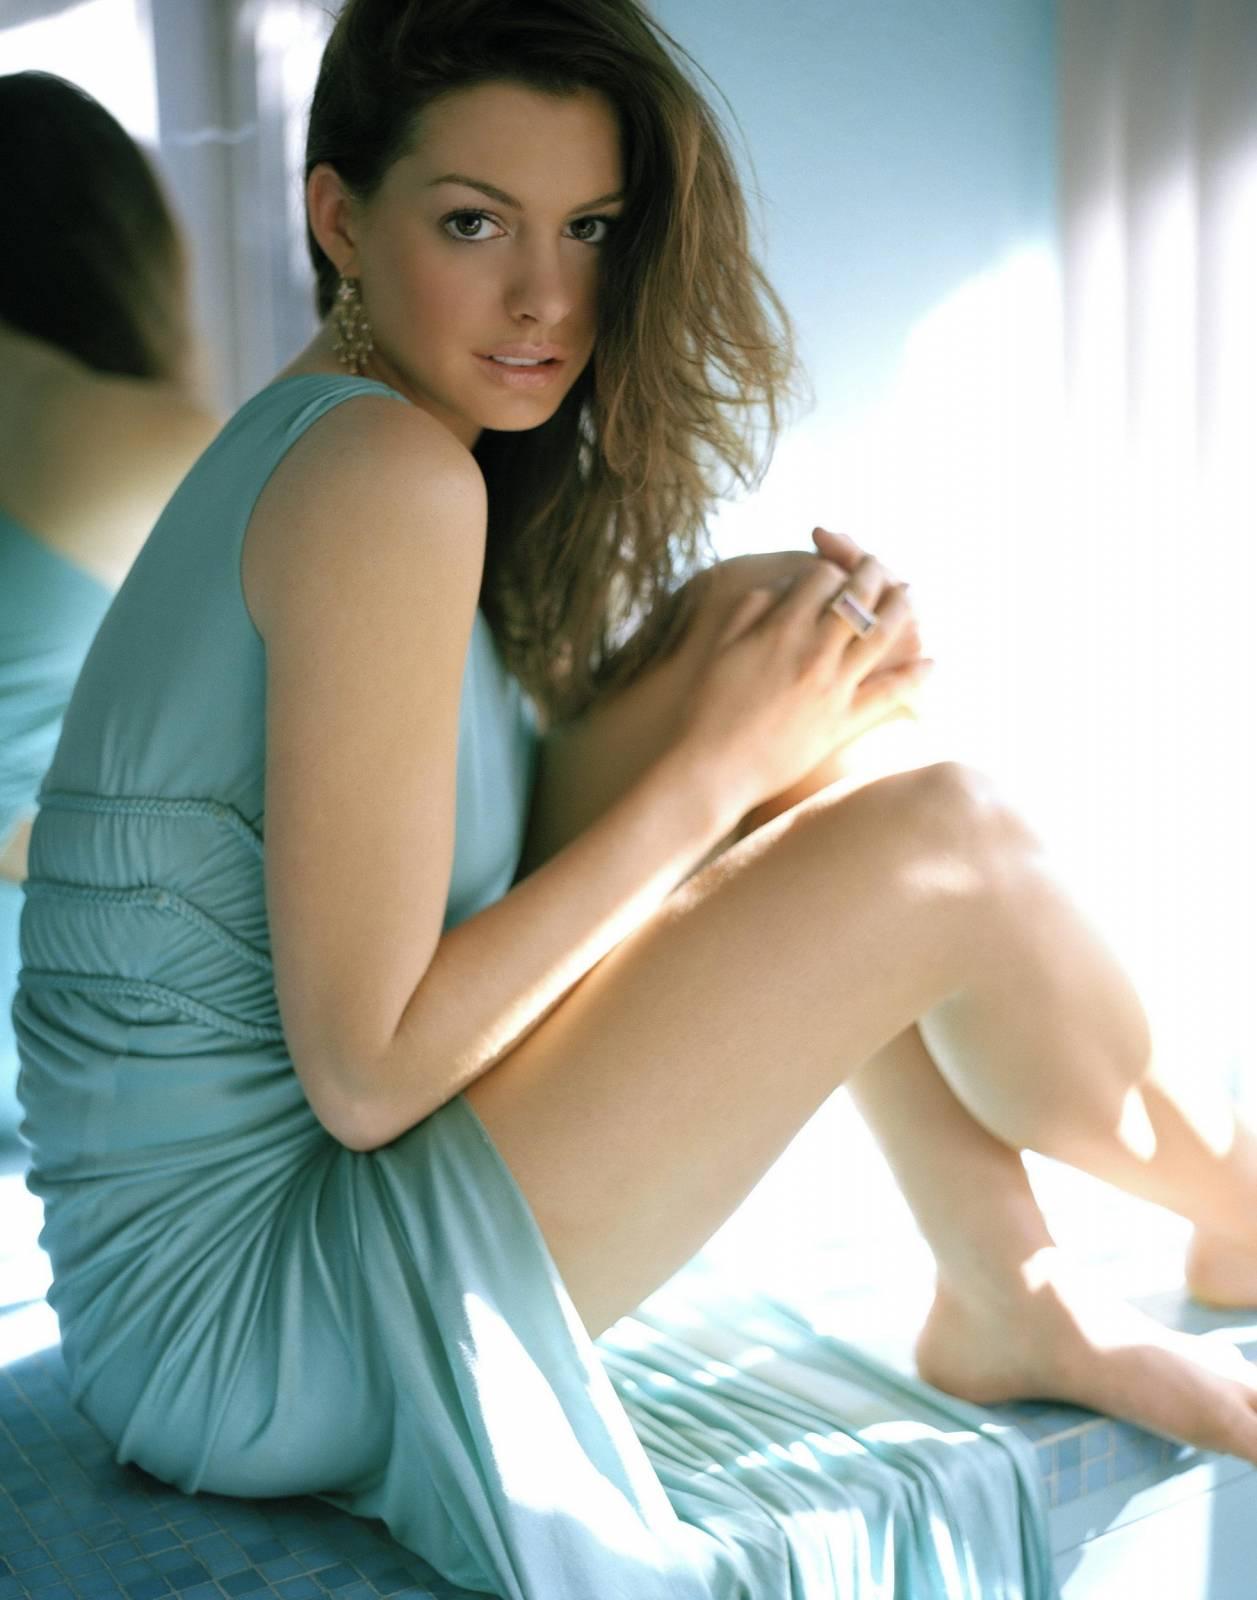 Нежное голубое платье Энн Хэтэуэй